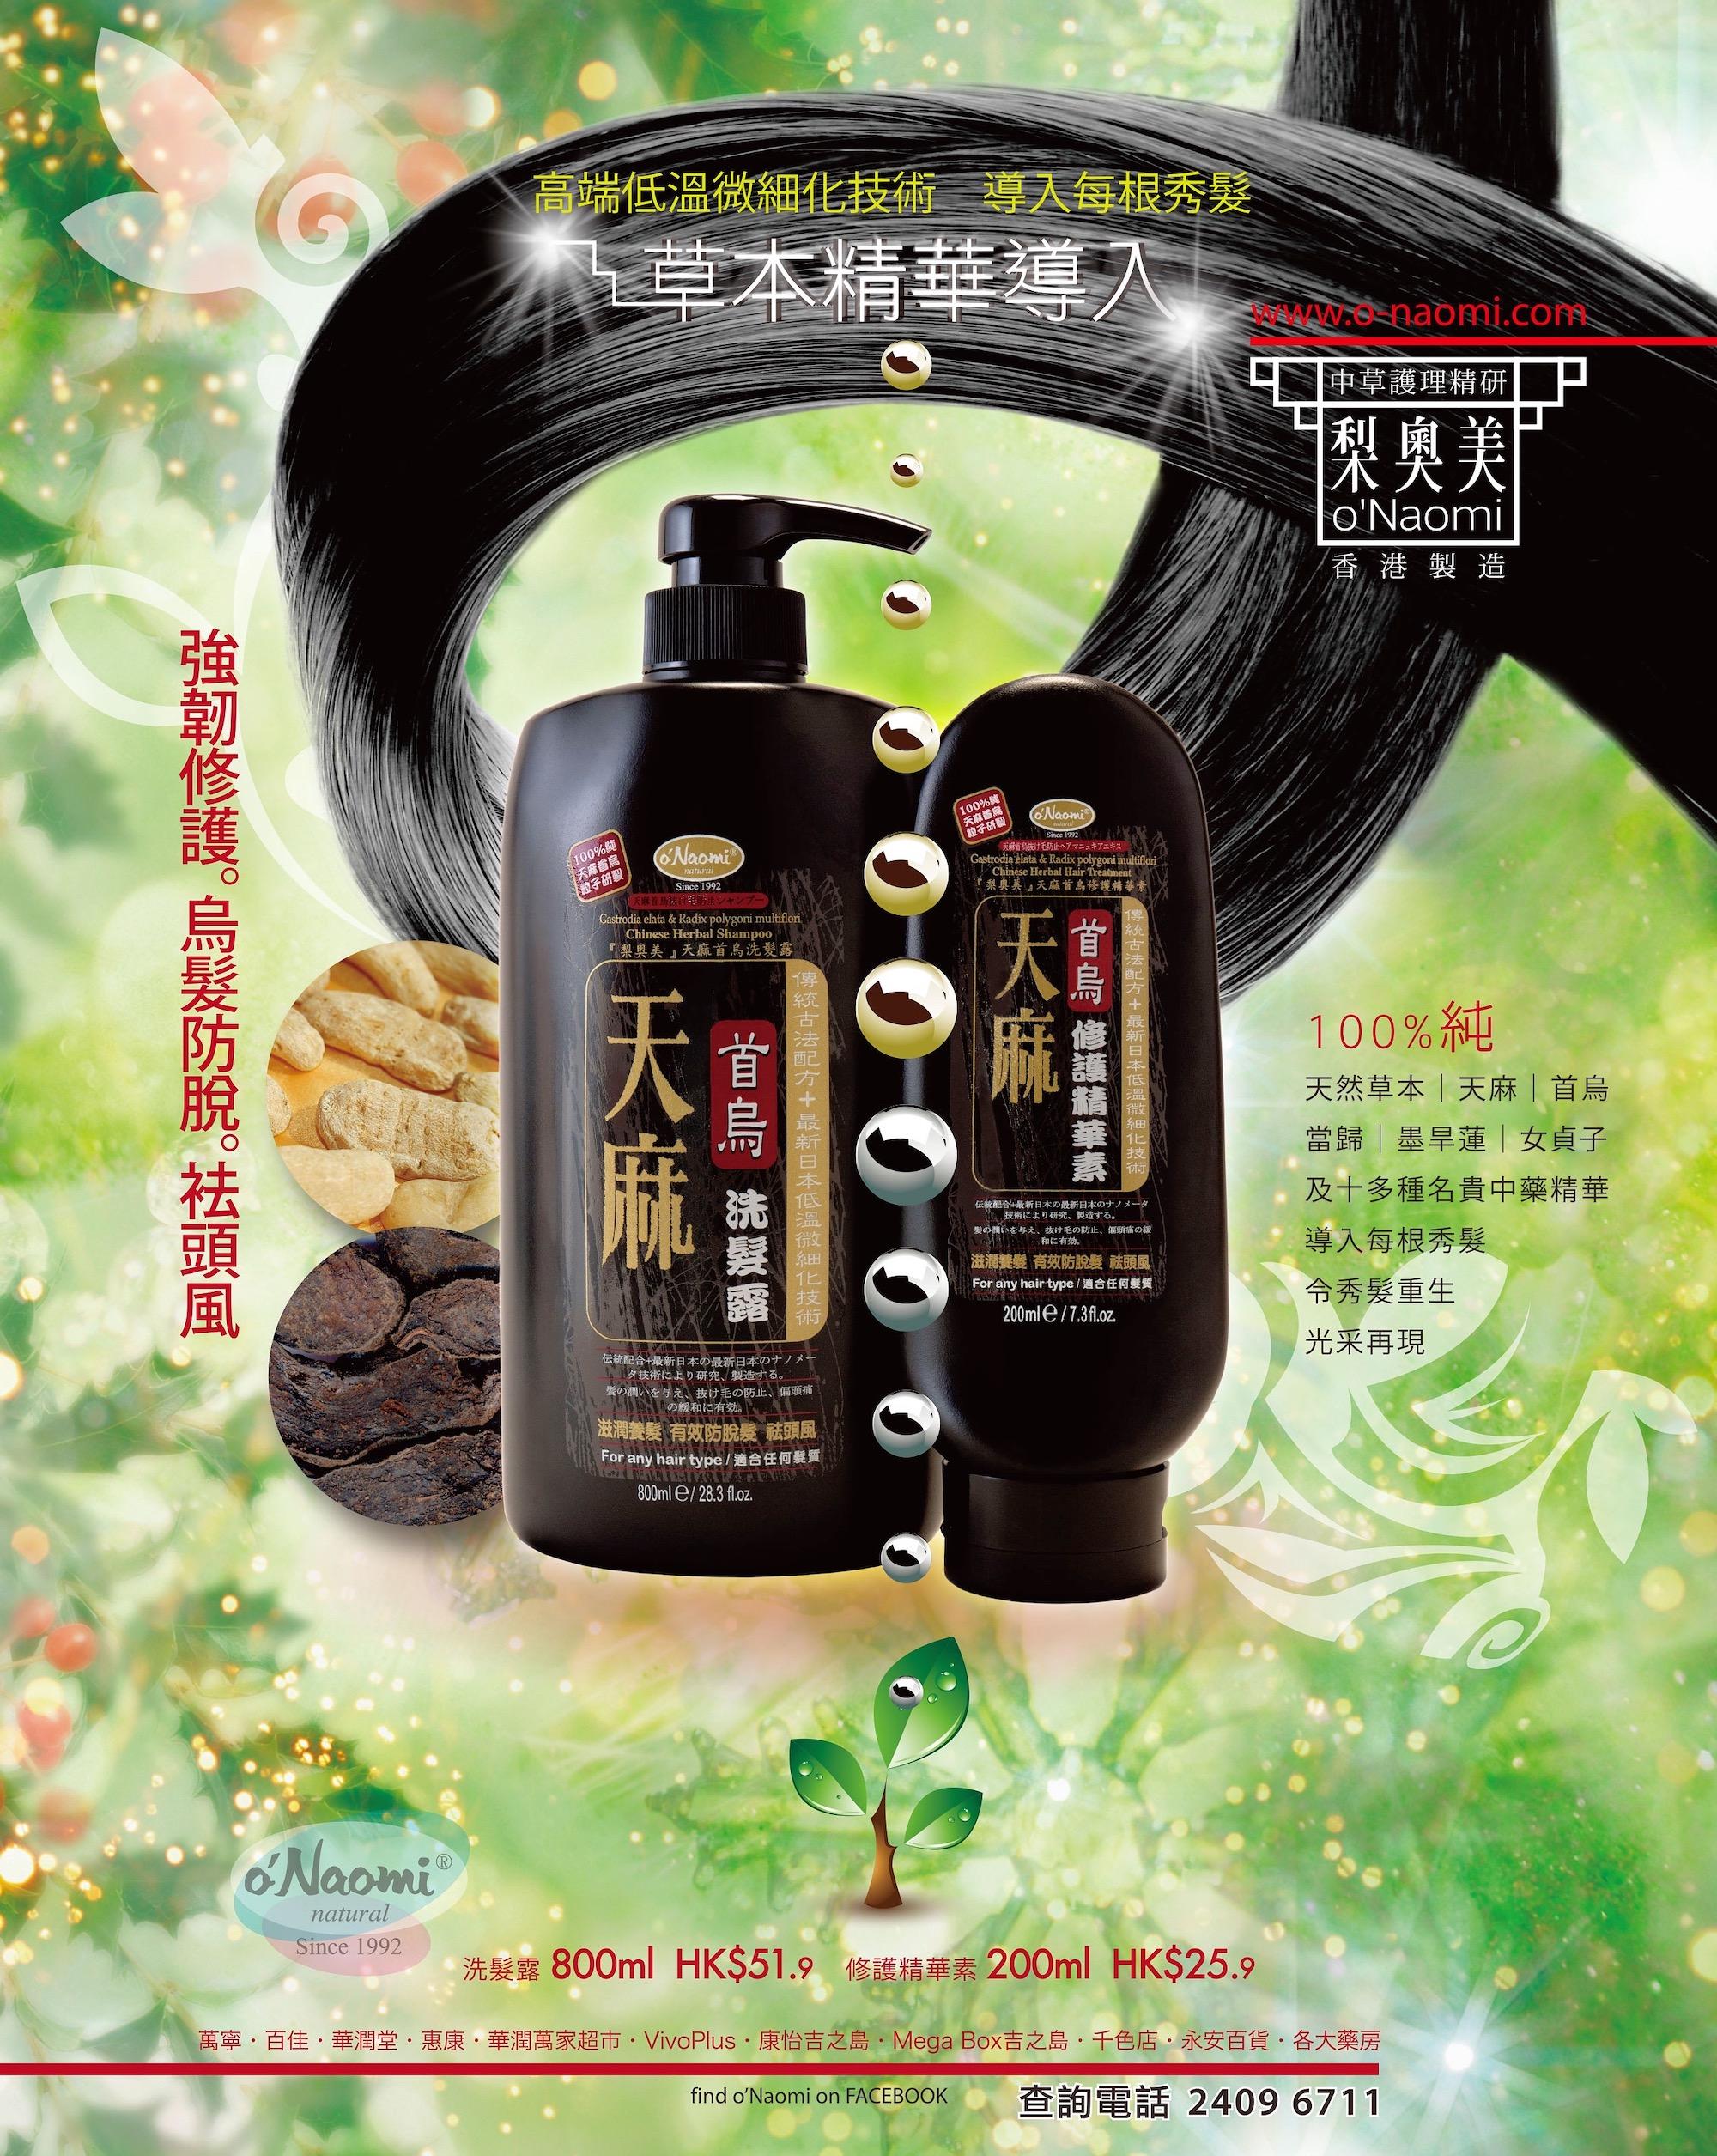 Onaomi Chinese Herbal Shampoo 03